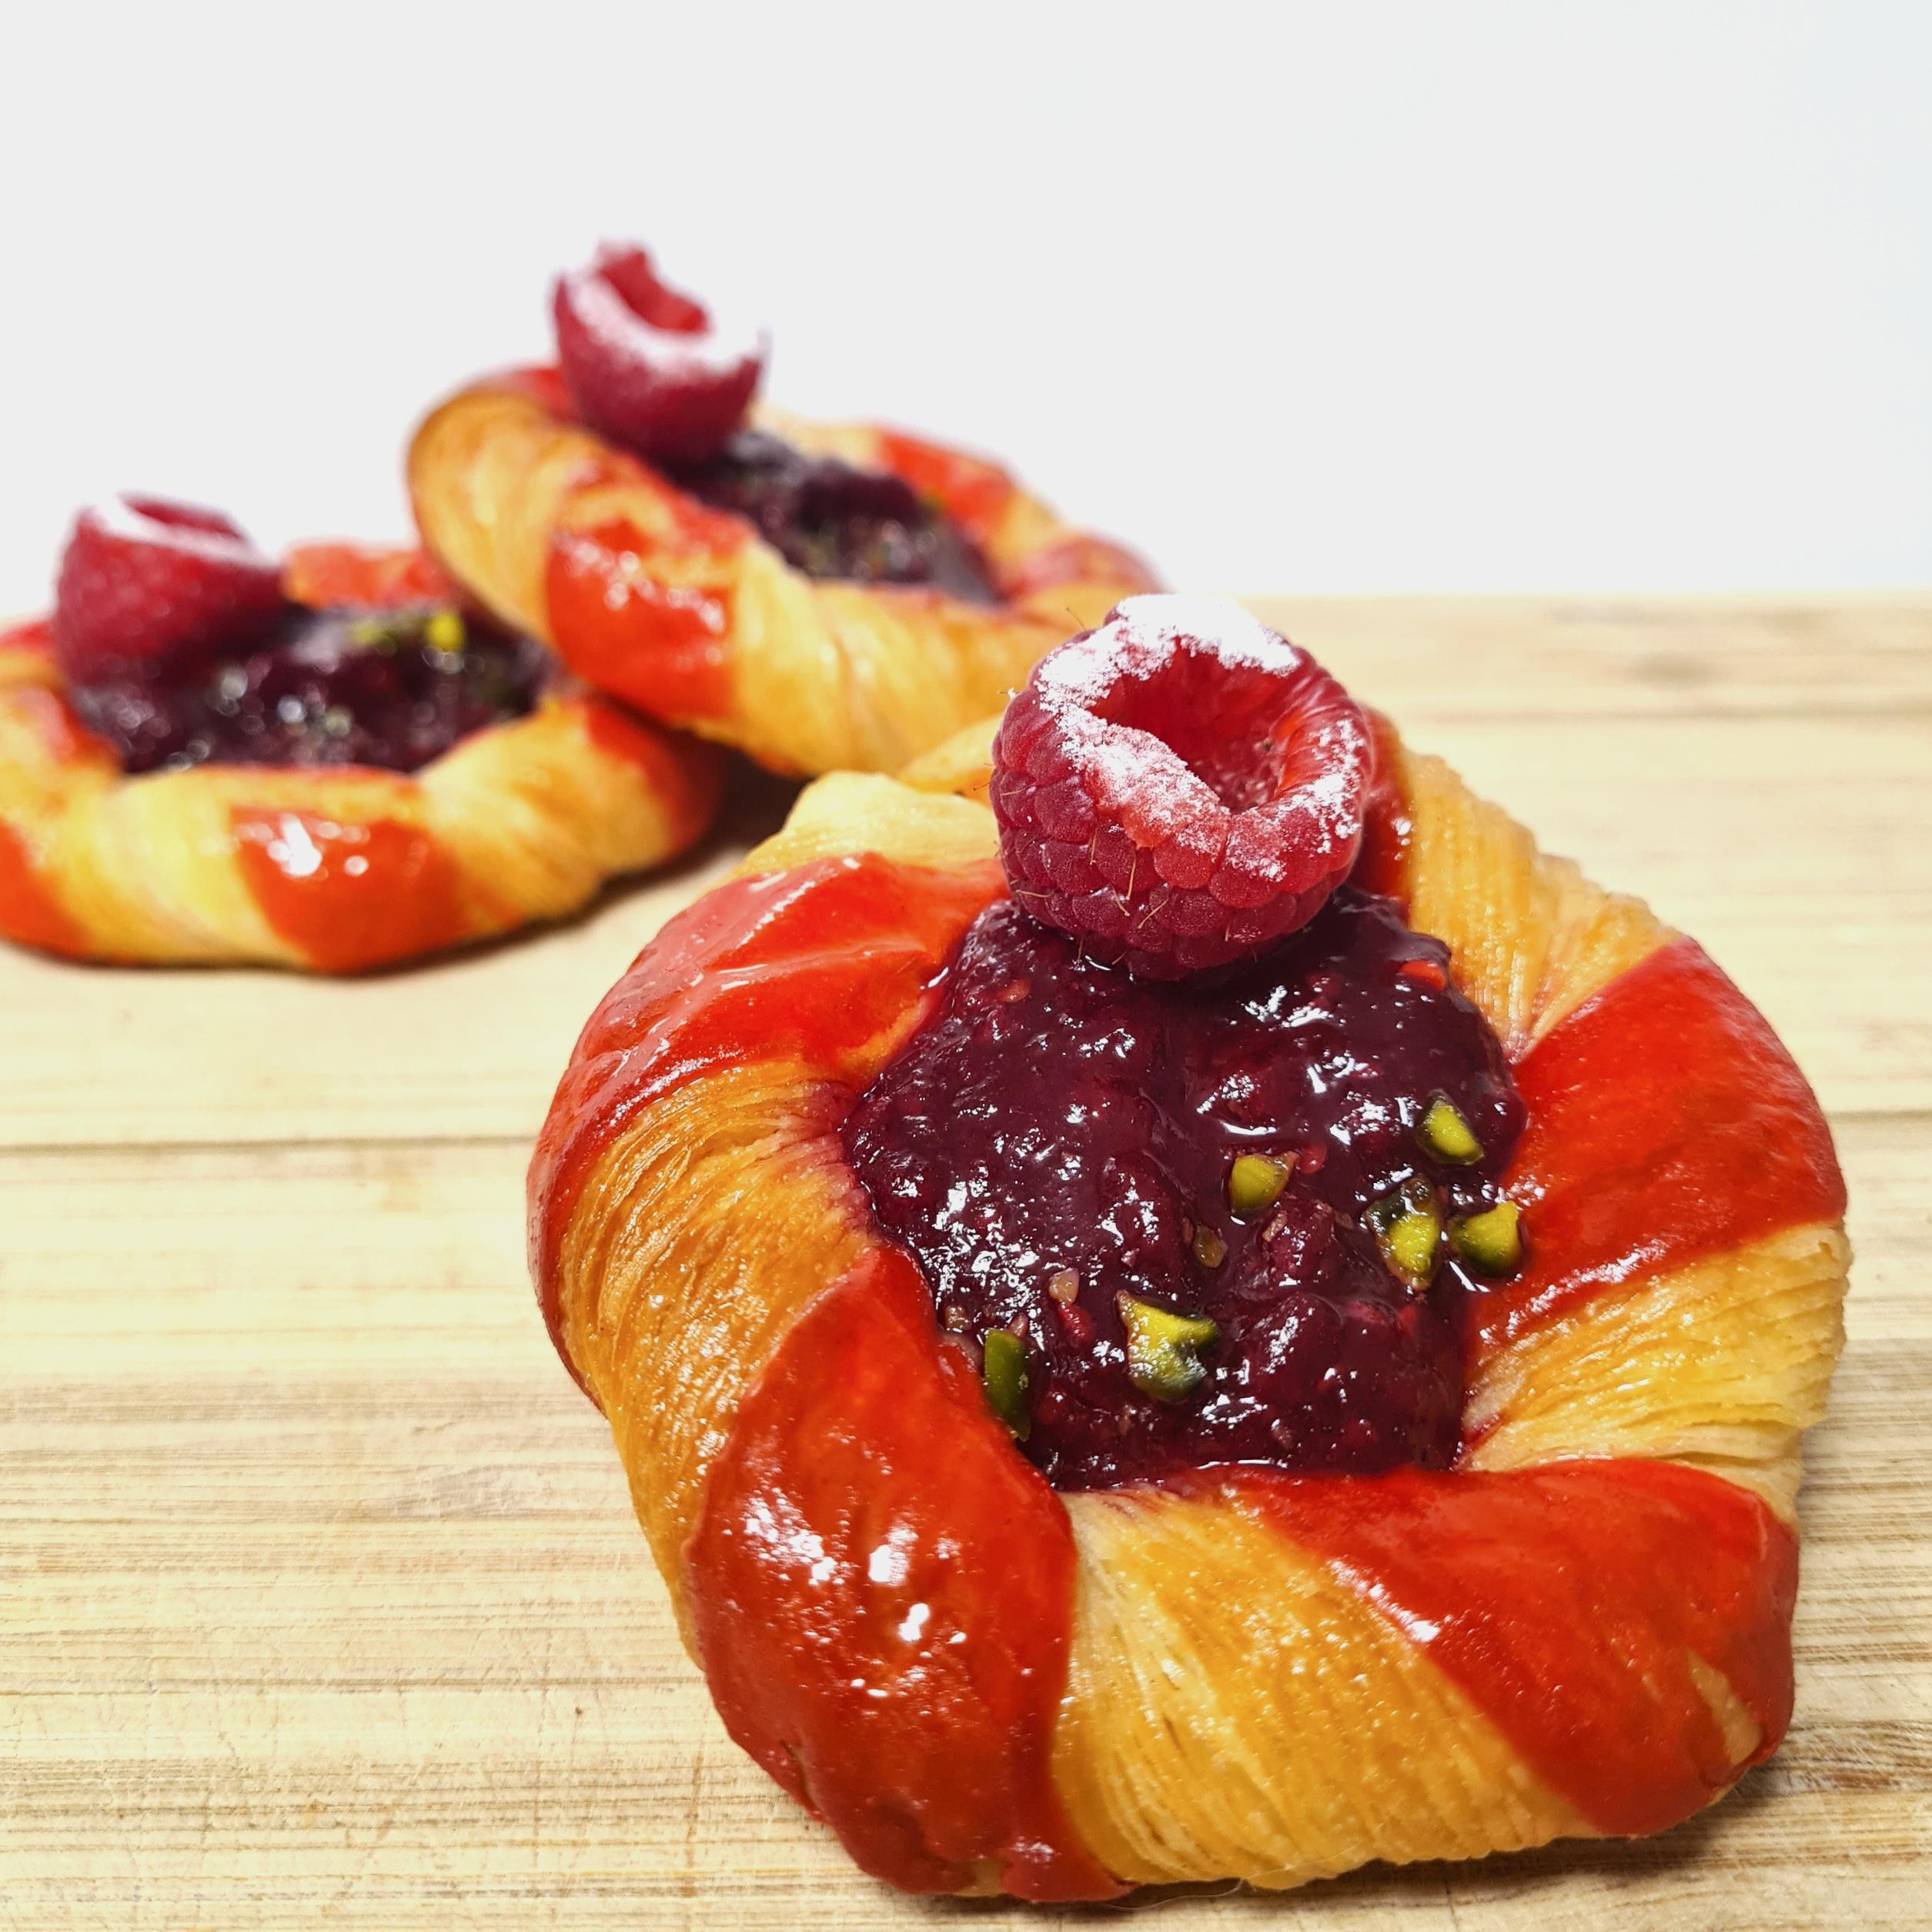 Pâte à croissant pur beurre et farine Label Rouge, confit de framboise 1,50 €